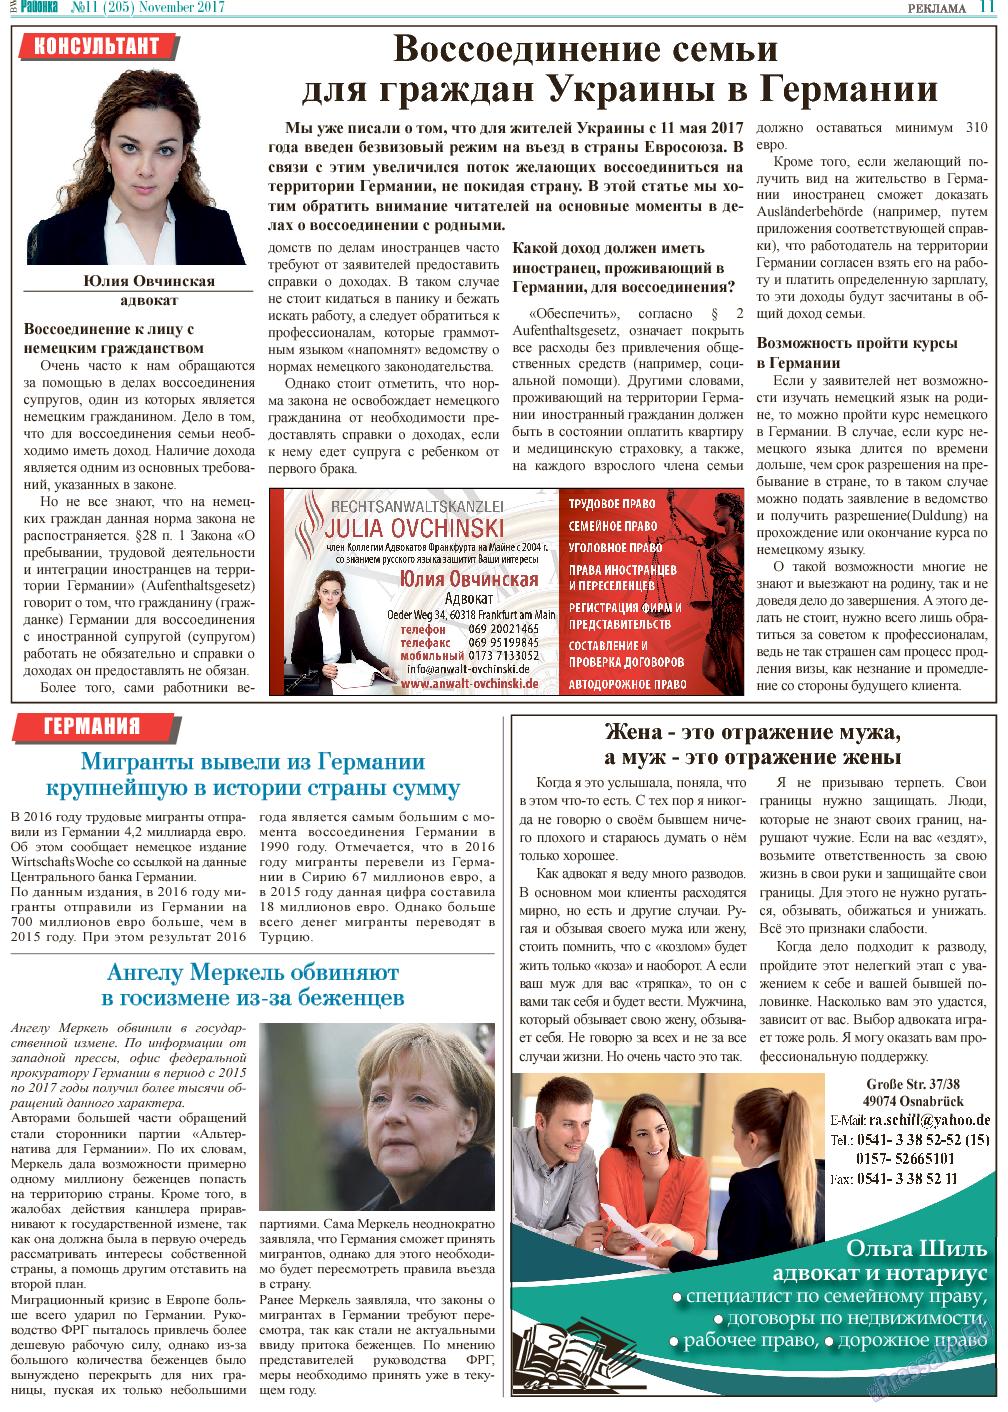 Районка-West (газета). 2017 год, номер 11, стр. 11